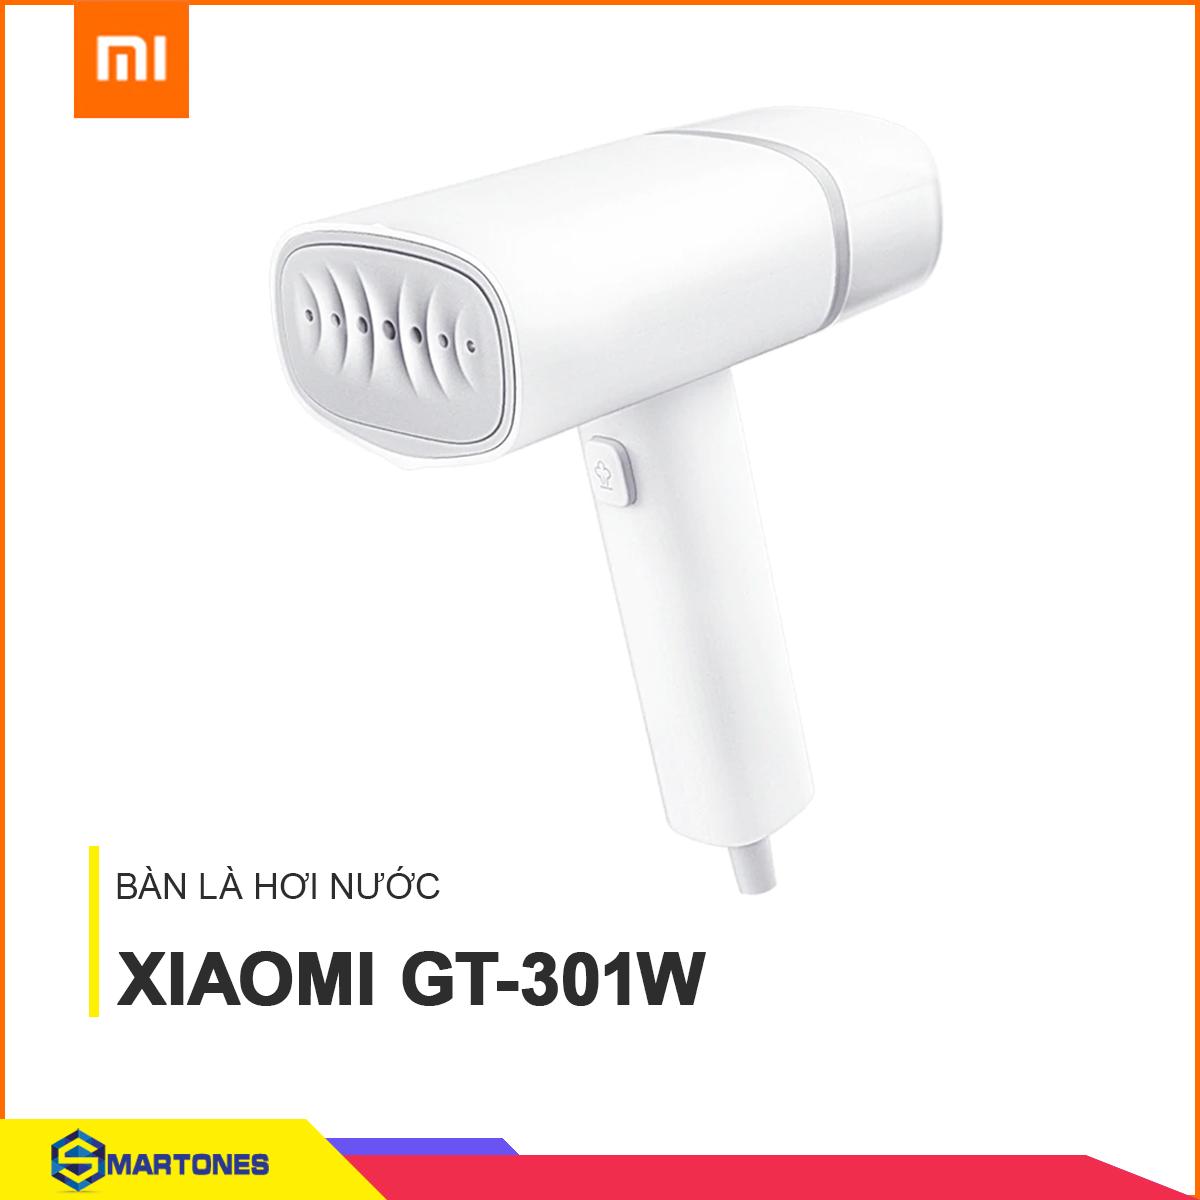 Bàn là , bàn ủi hơi nước cầm tay Xiaomi Mijia GT-301W, tích hợp chip thông minh đảm bảo an toàn